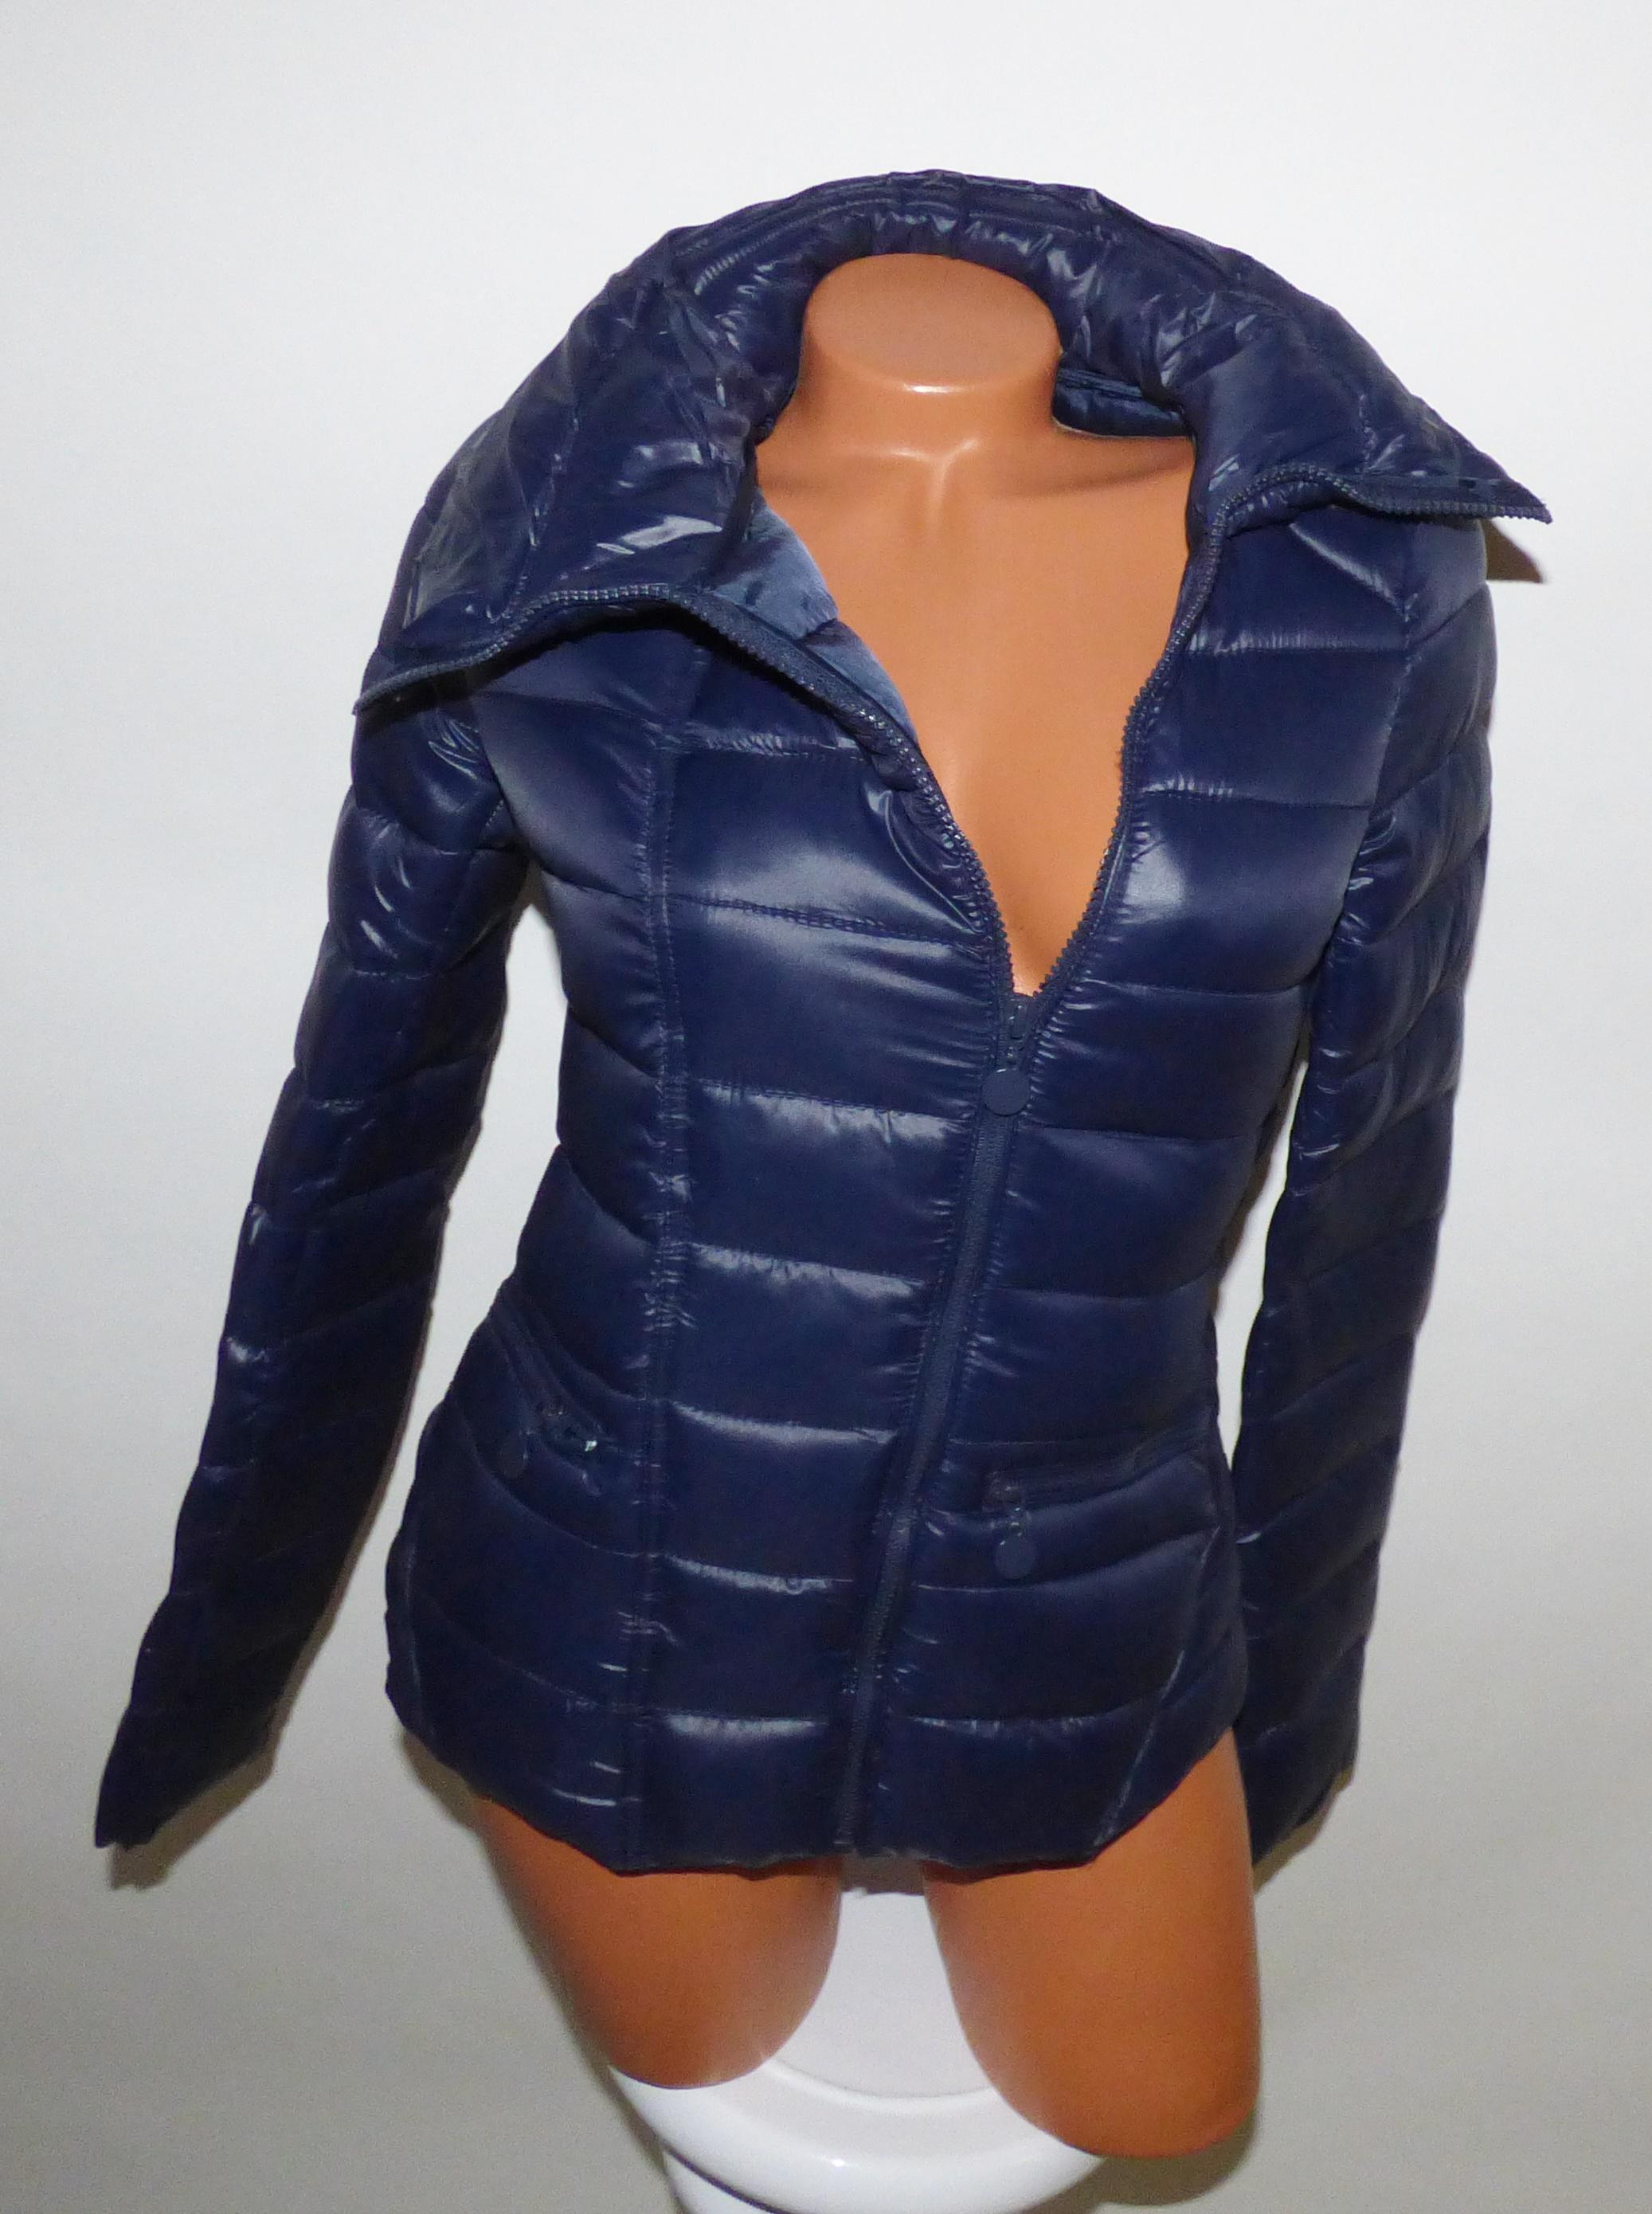 7ab15f21d4 Sötétkék dzseki - Dzseki / Kabát - Luna Gardrobe Női ruha WebÁruház, Akciós  - olcsó női ruha, Női ruha webshop, Online trendi - divatos ruha